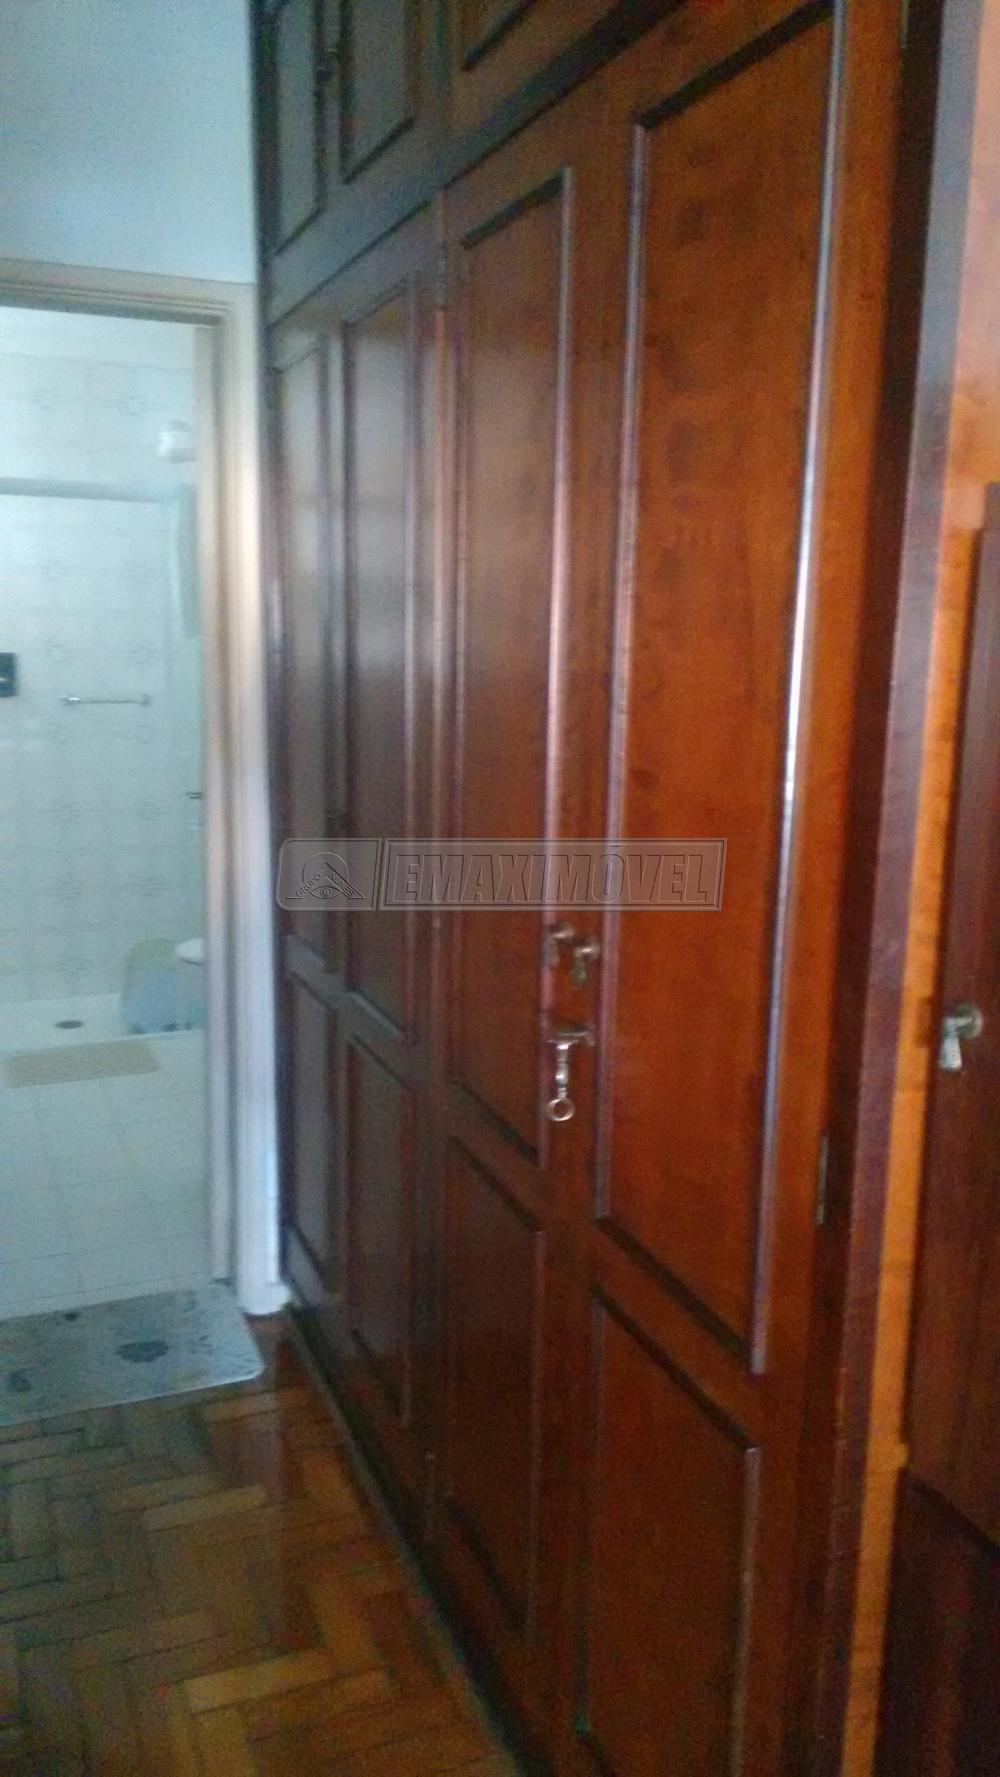 Comprar Apartamentos / Apto Padrão em Sorocaba apenas R$ 550.000,00 - Foto 6